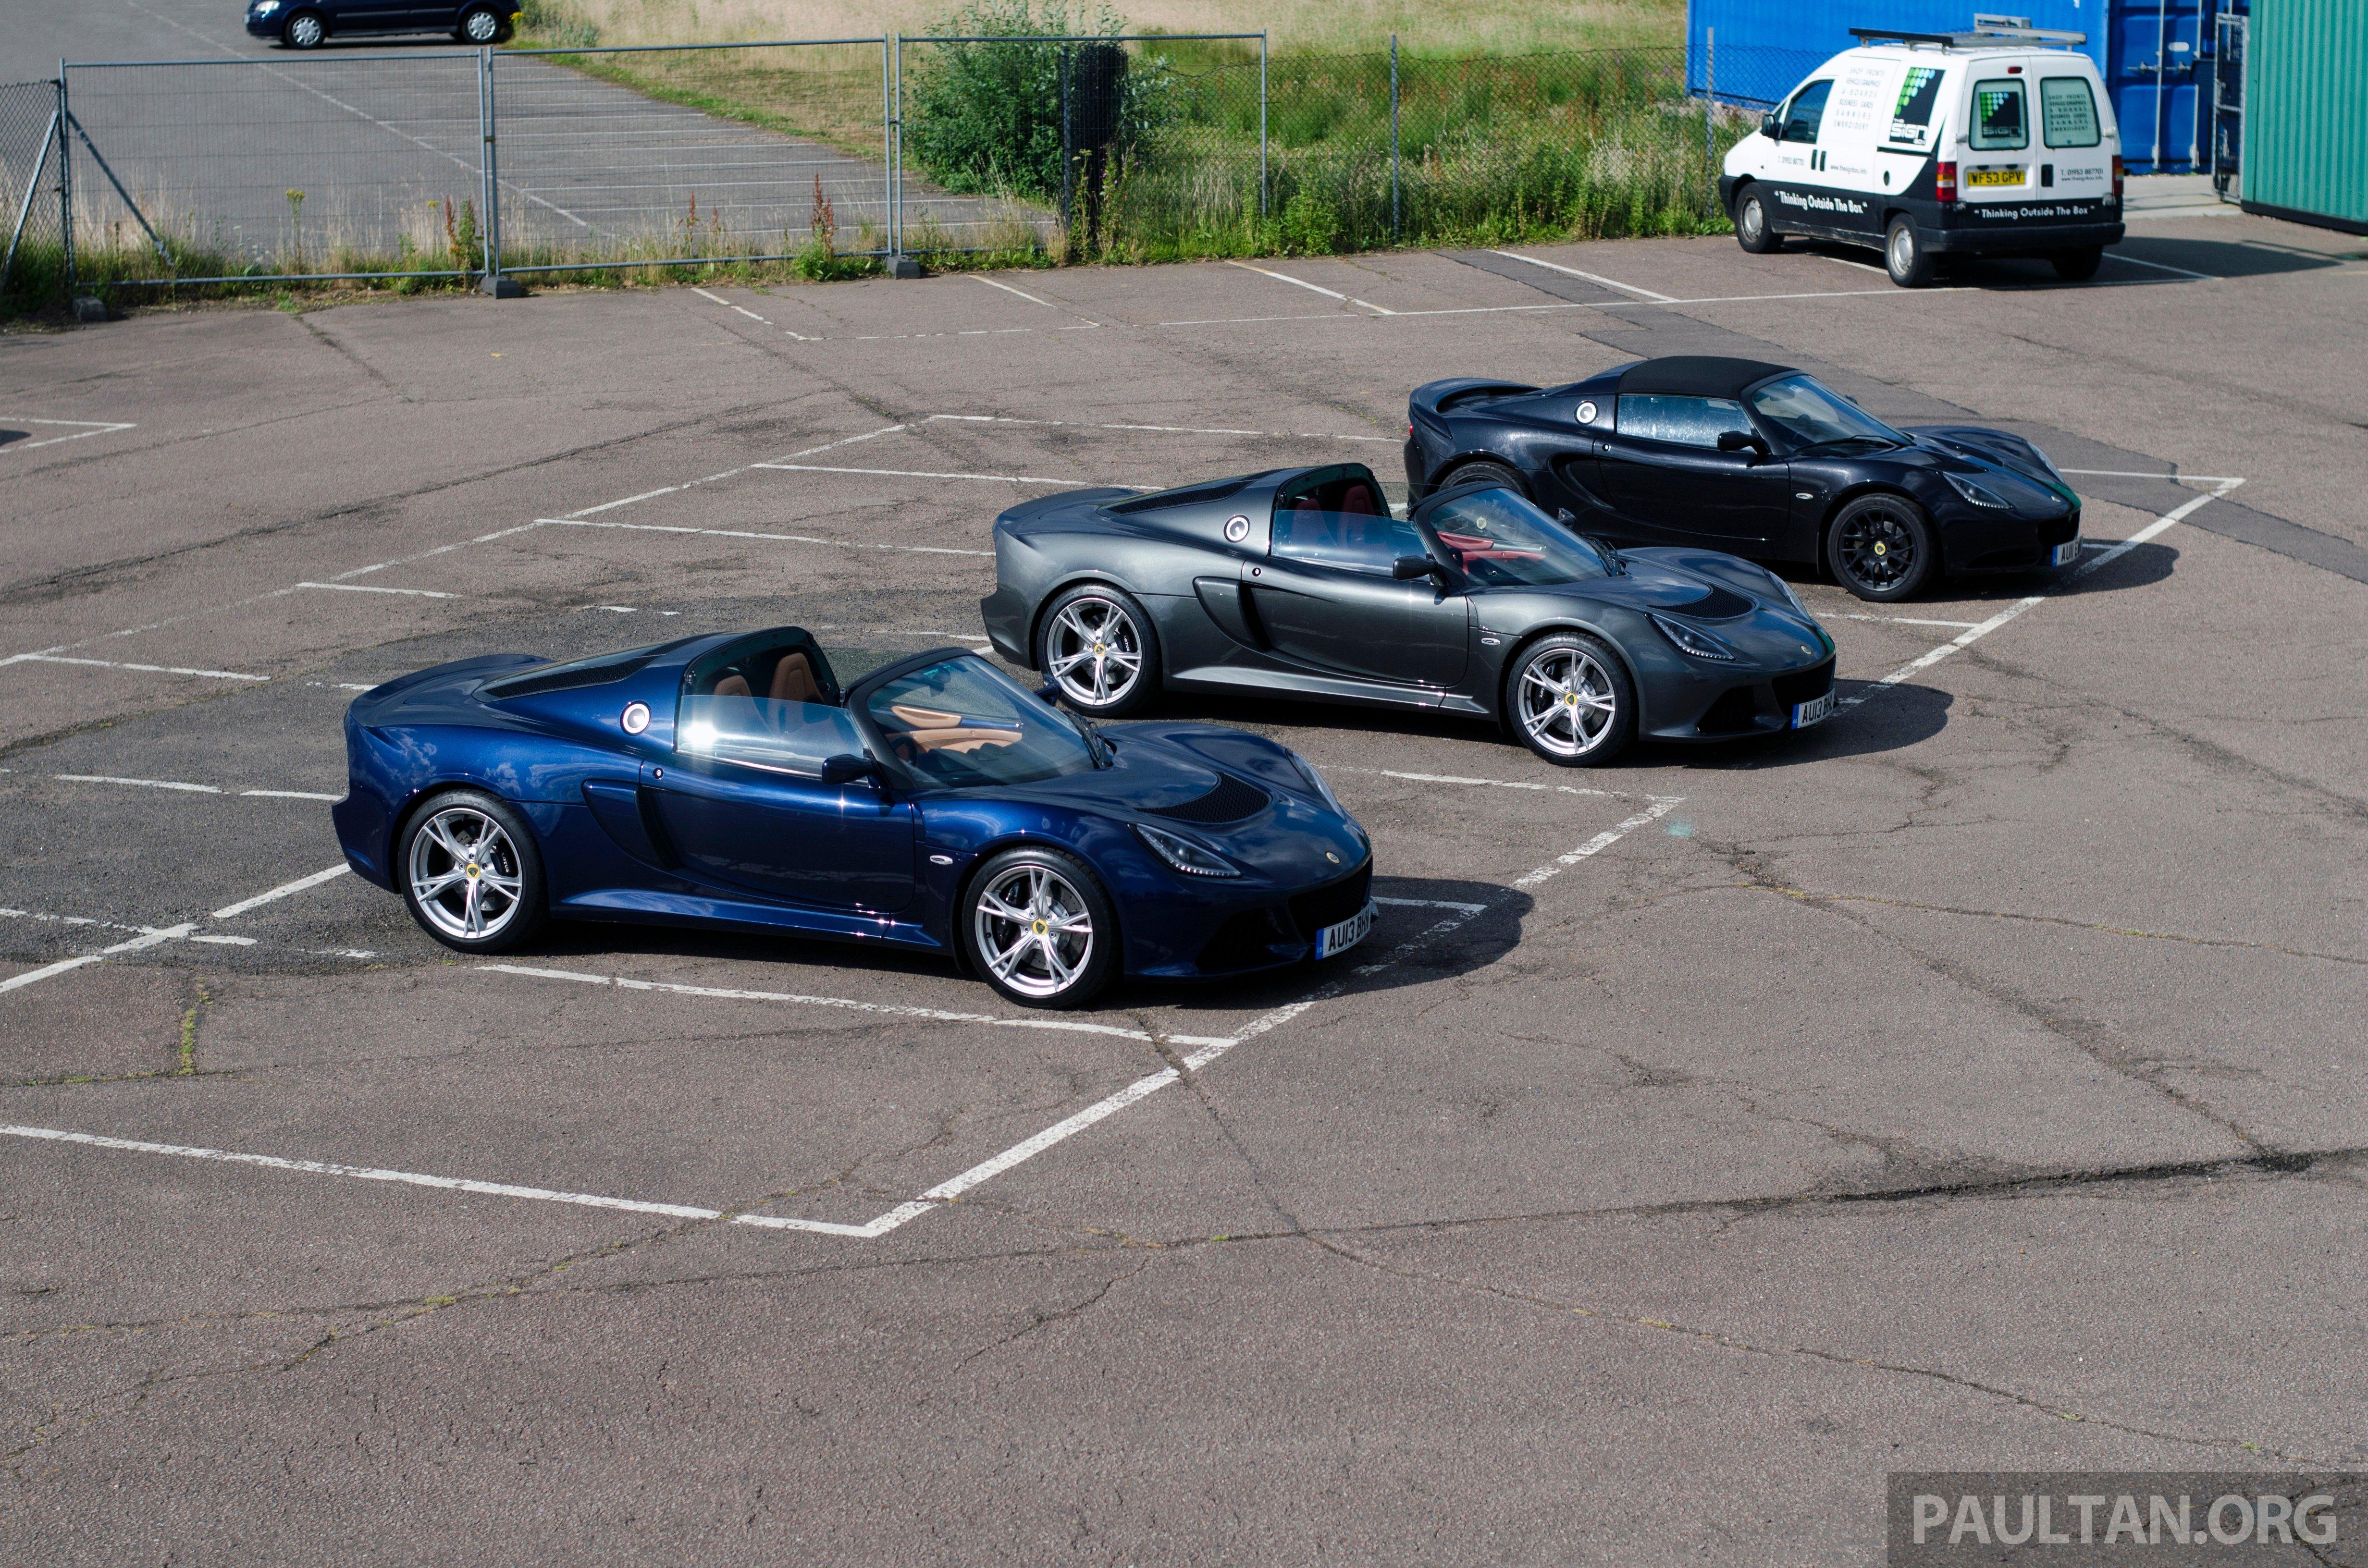 https://s1.paultan.org/image/2013/11/Lotus-Exige-S-Roadster-9.jpg